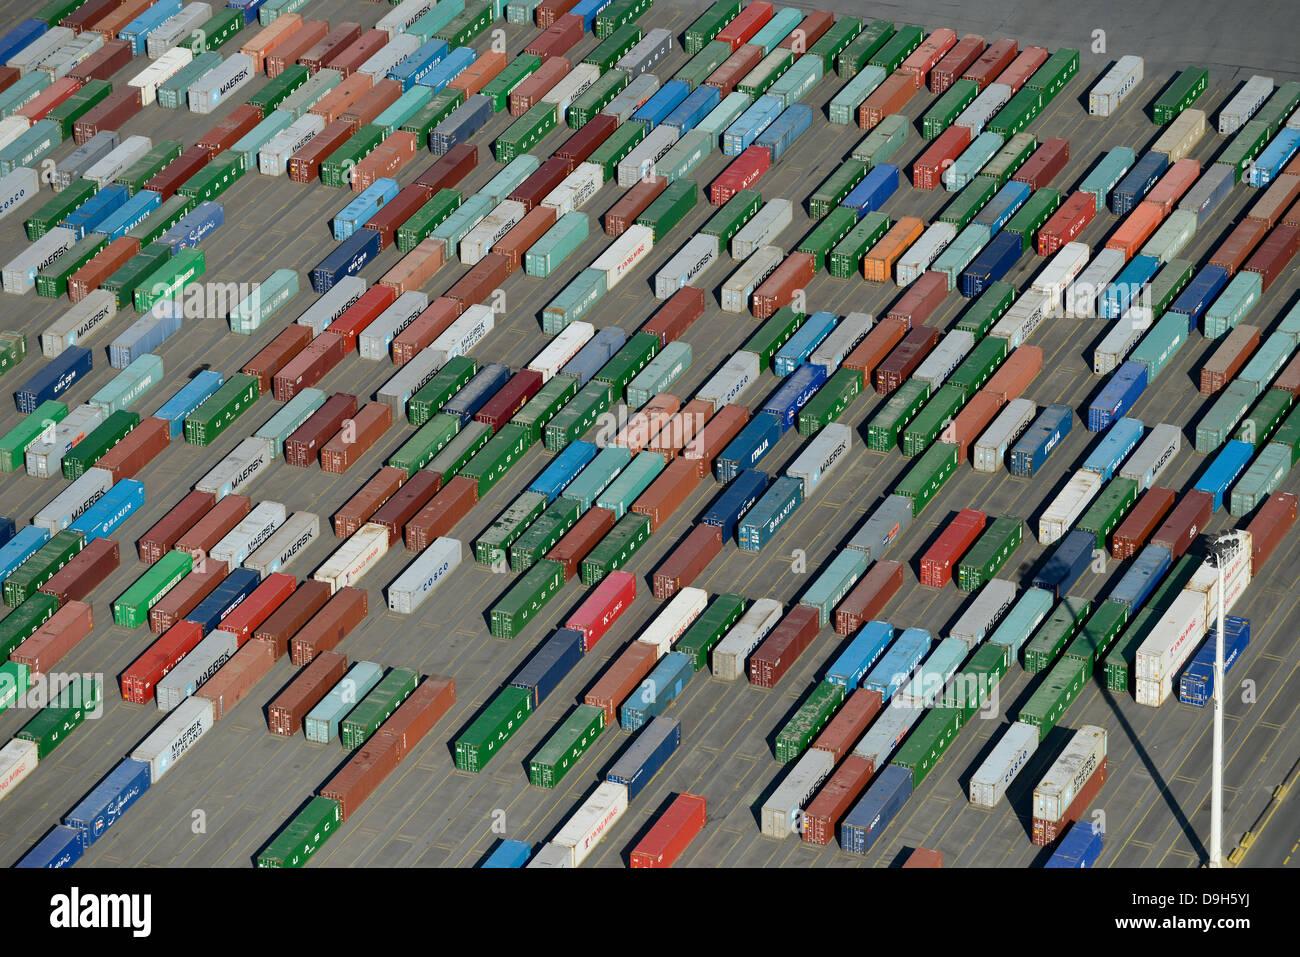 Alemania Hamburgo puerto contenedor , terminal HHLA a Burchard quai en puerto de Hamburgo Imagen De Stock